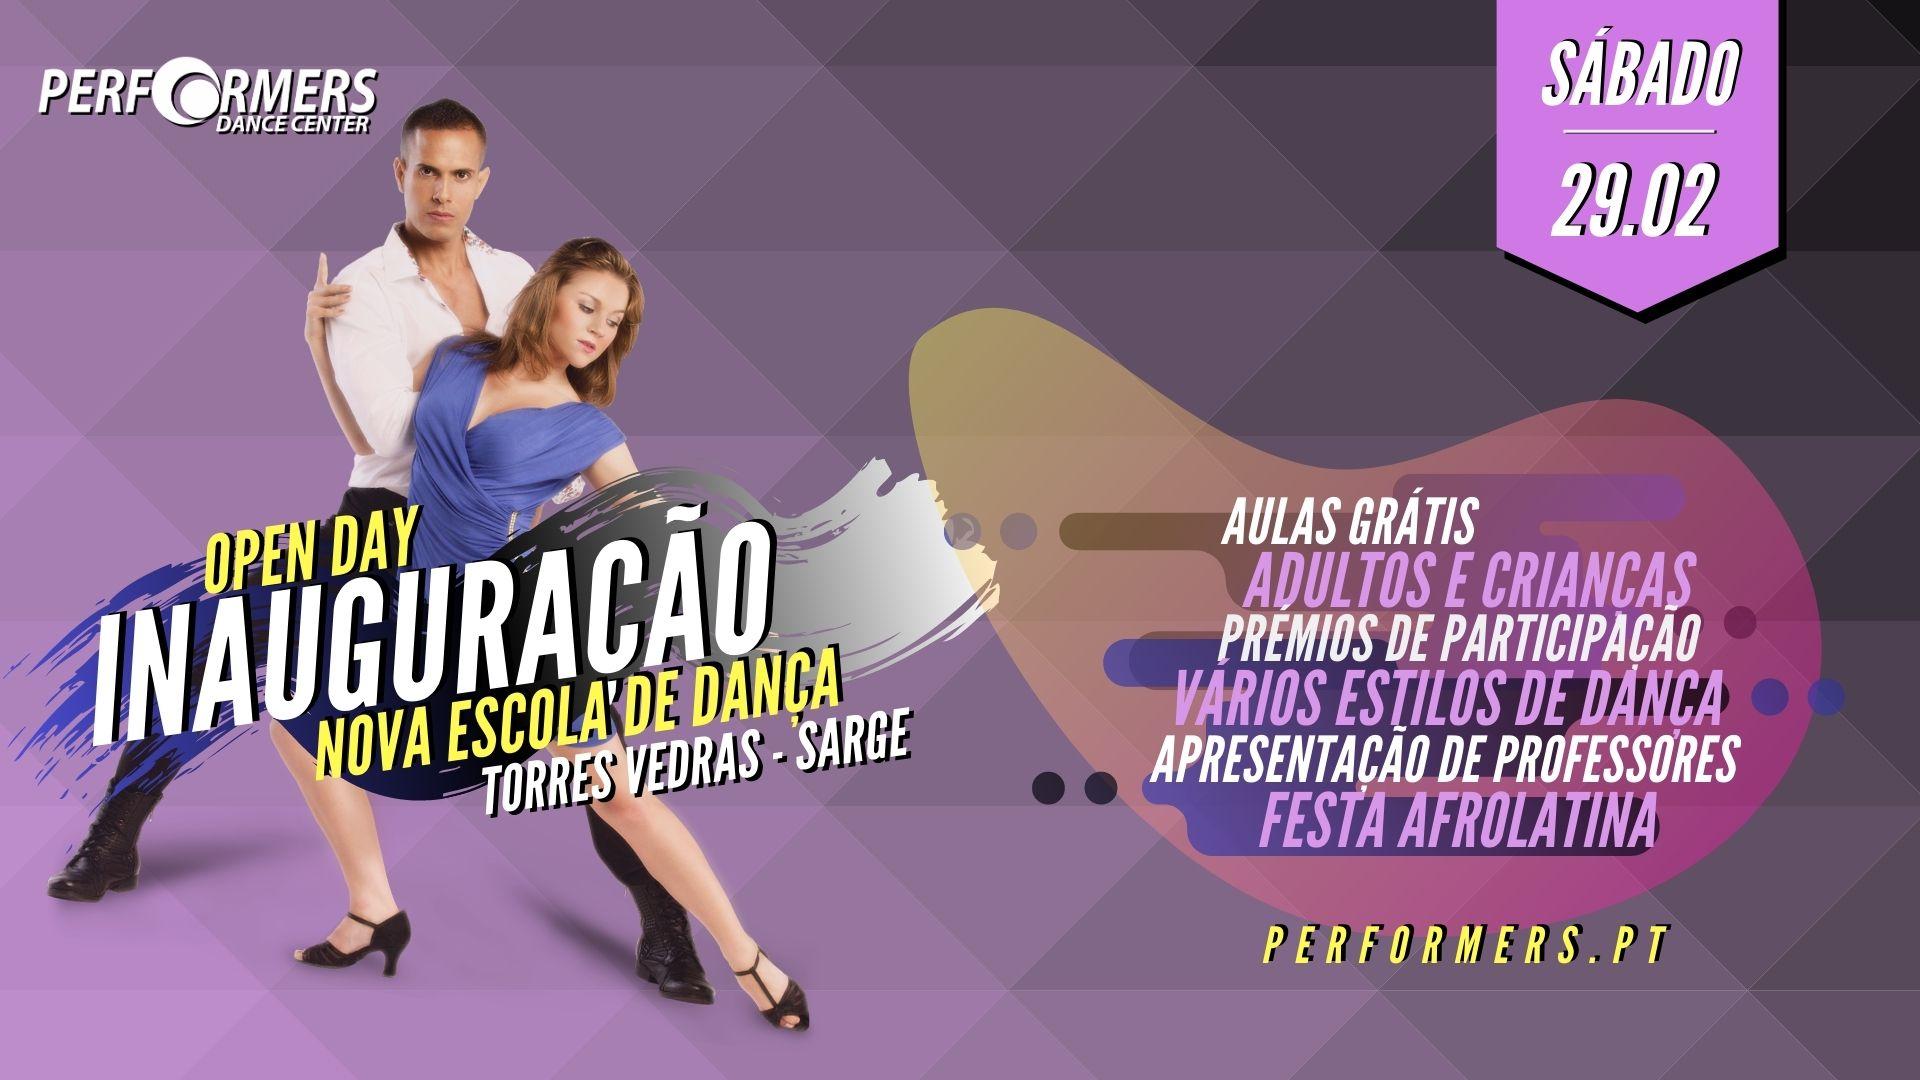 inauguração Novo espaço Performers dance center torres vedras